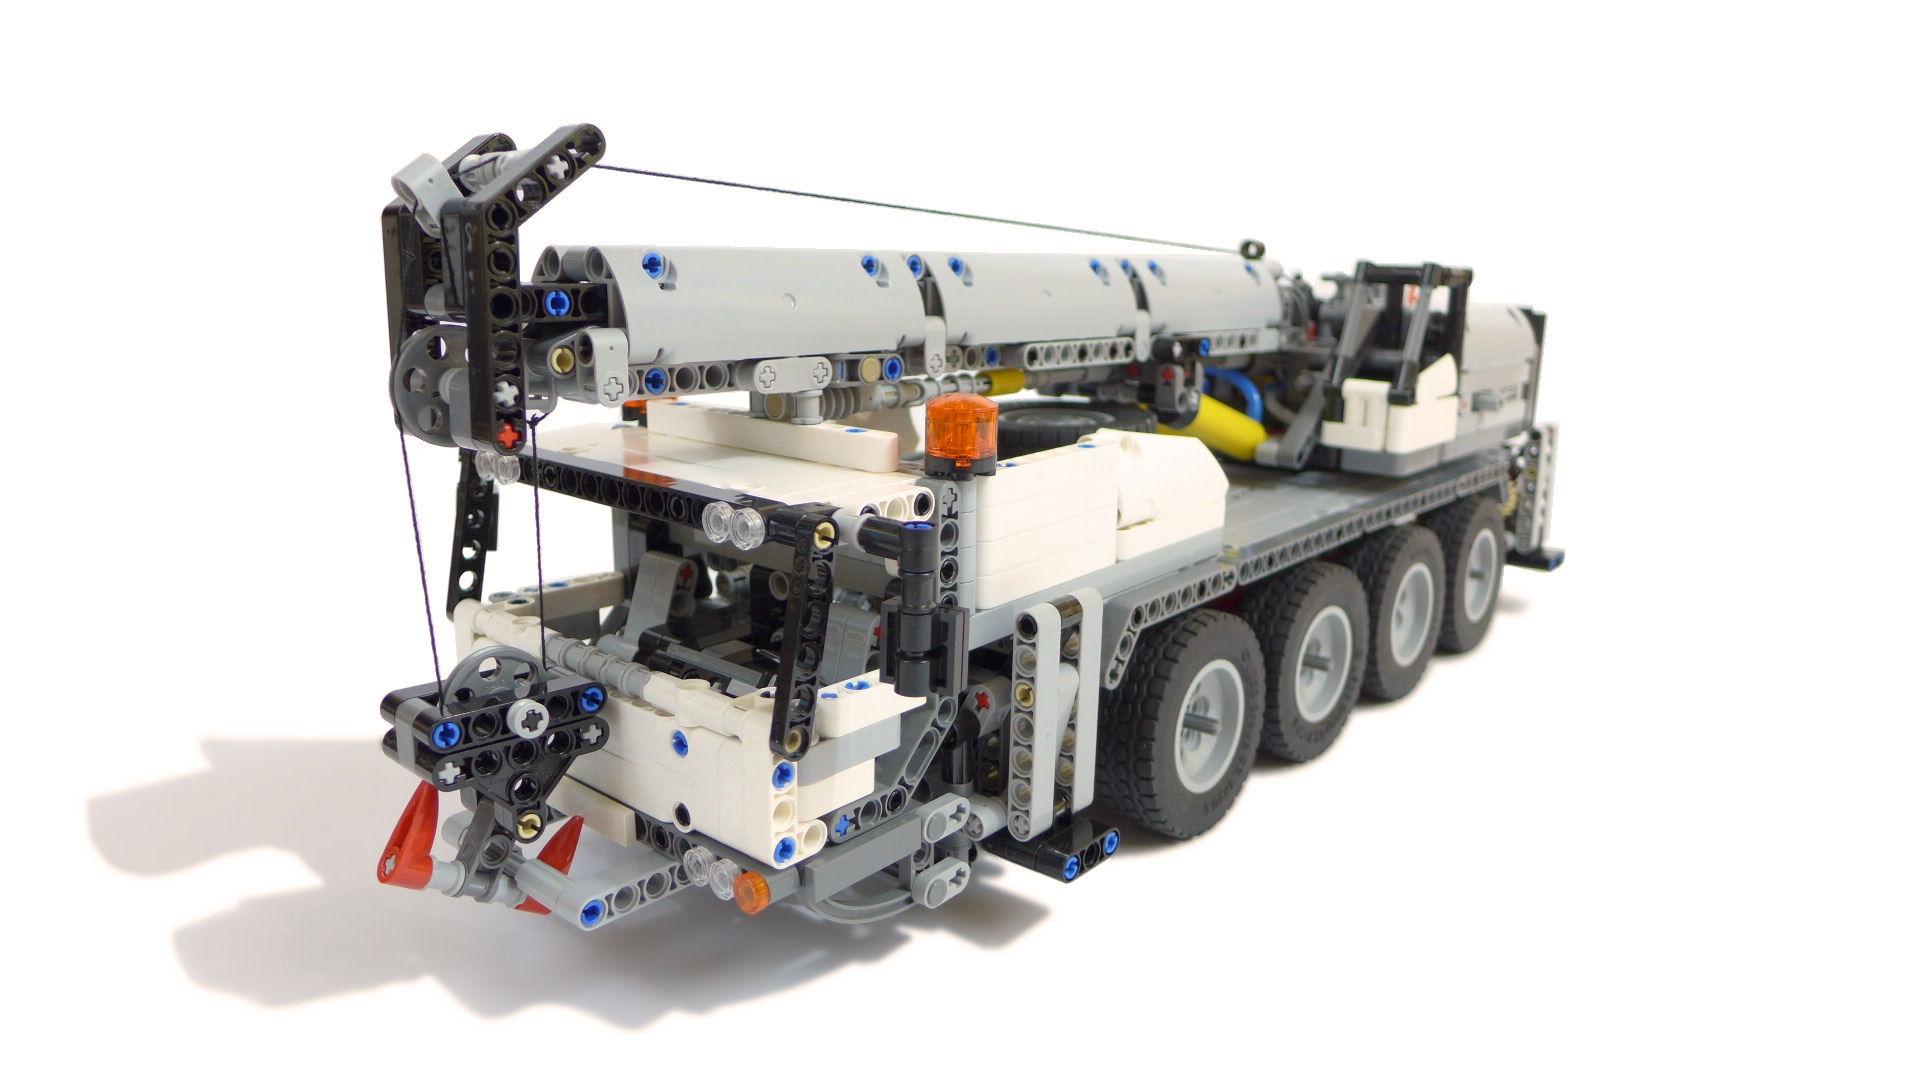 42043 c model mobile crane lego technic mindstorms. Black Bedroom Furniture Sets. Home Design Ideas